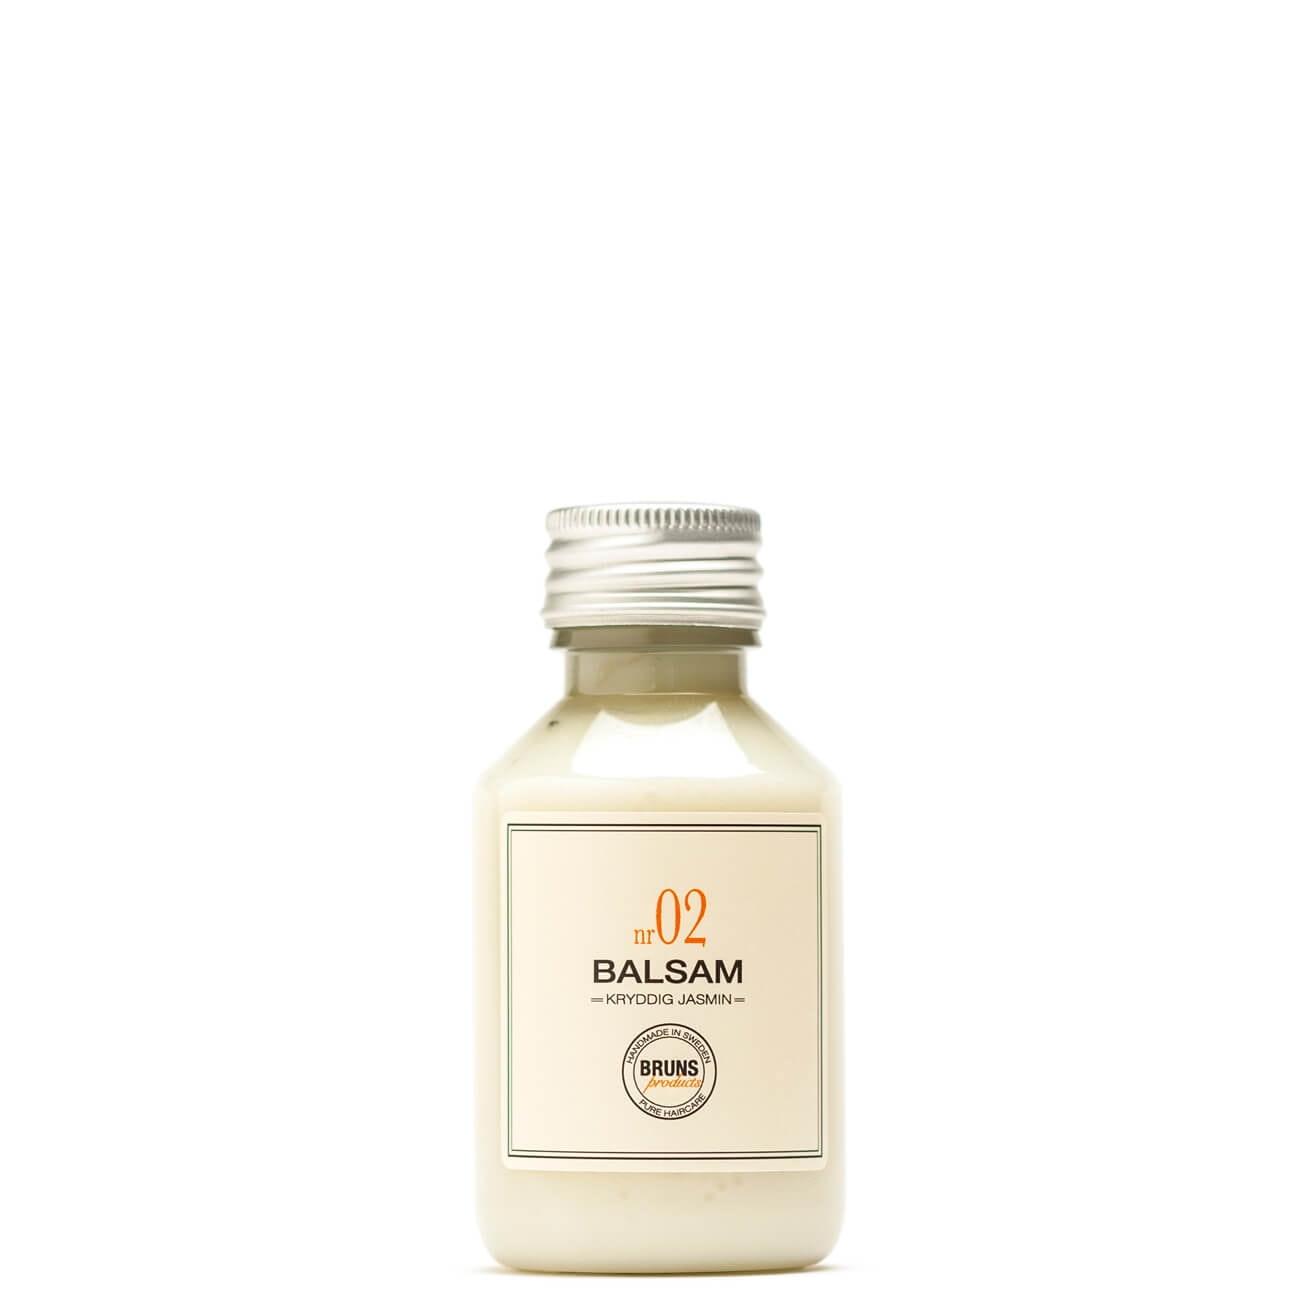 Bruns Products Balsam 02 Kryddig Jasmine 100ml - För torrt & extra torrt hår samt balsammetoden